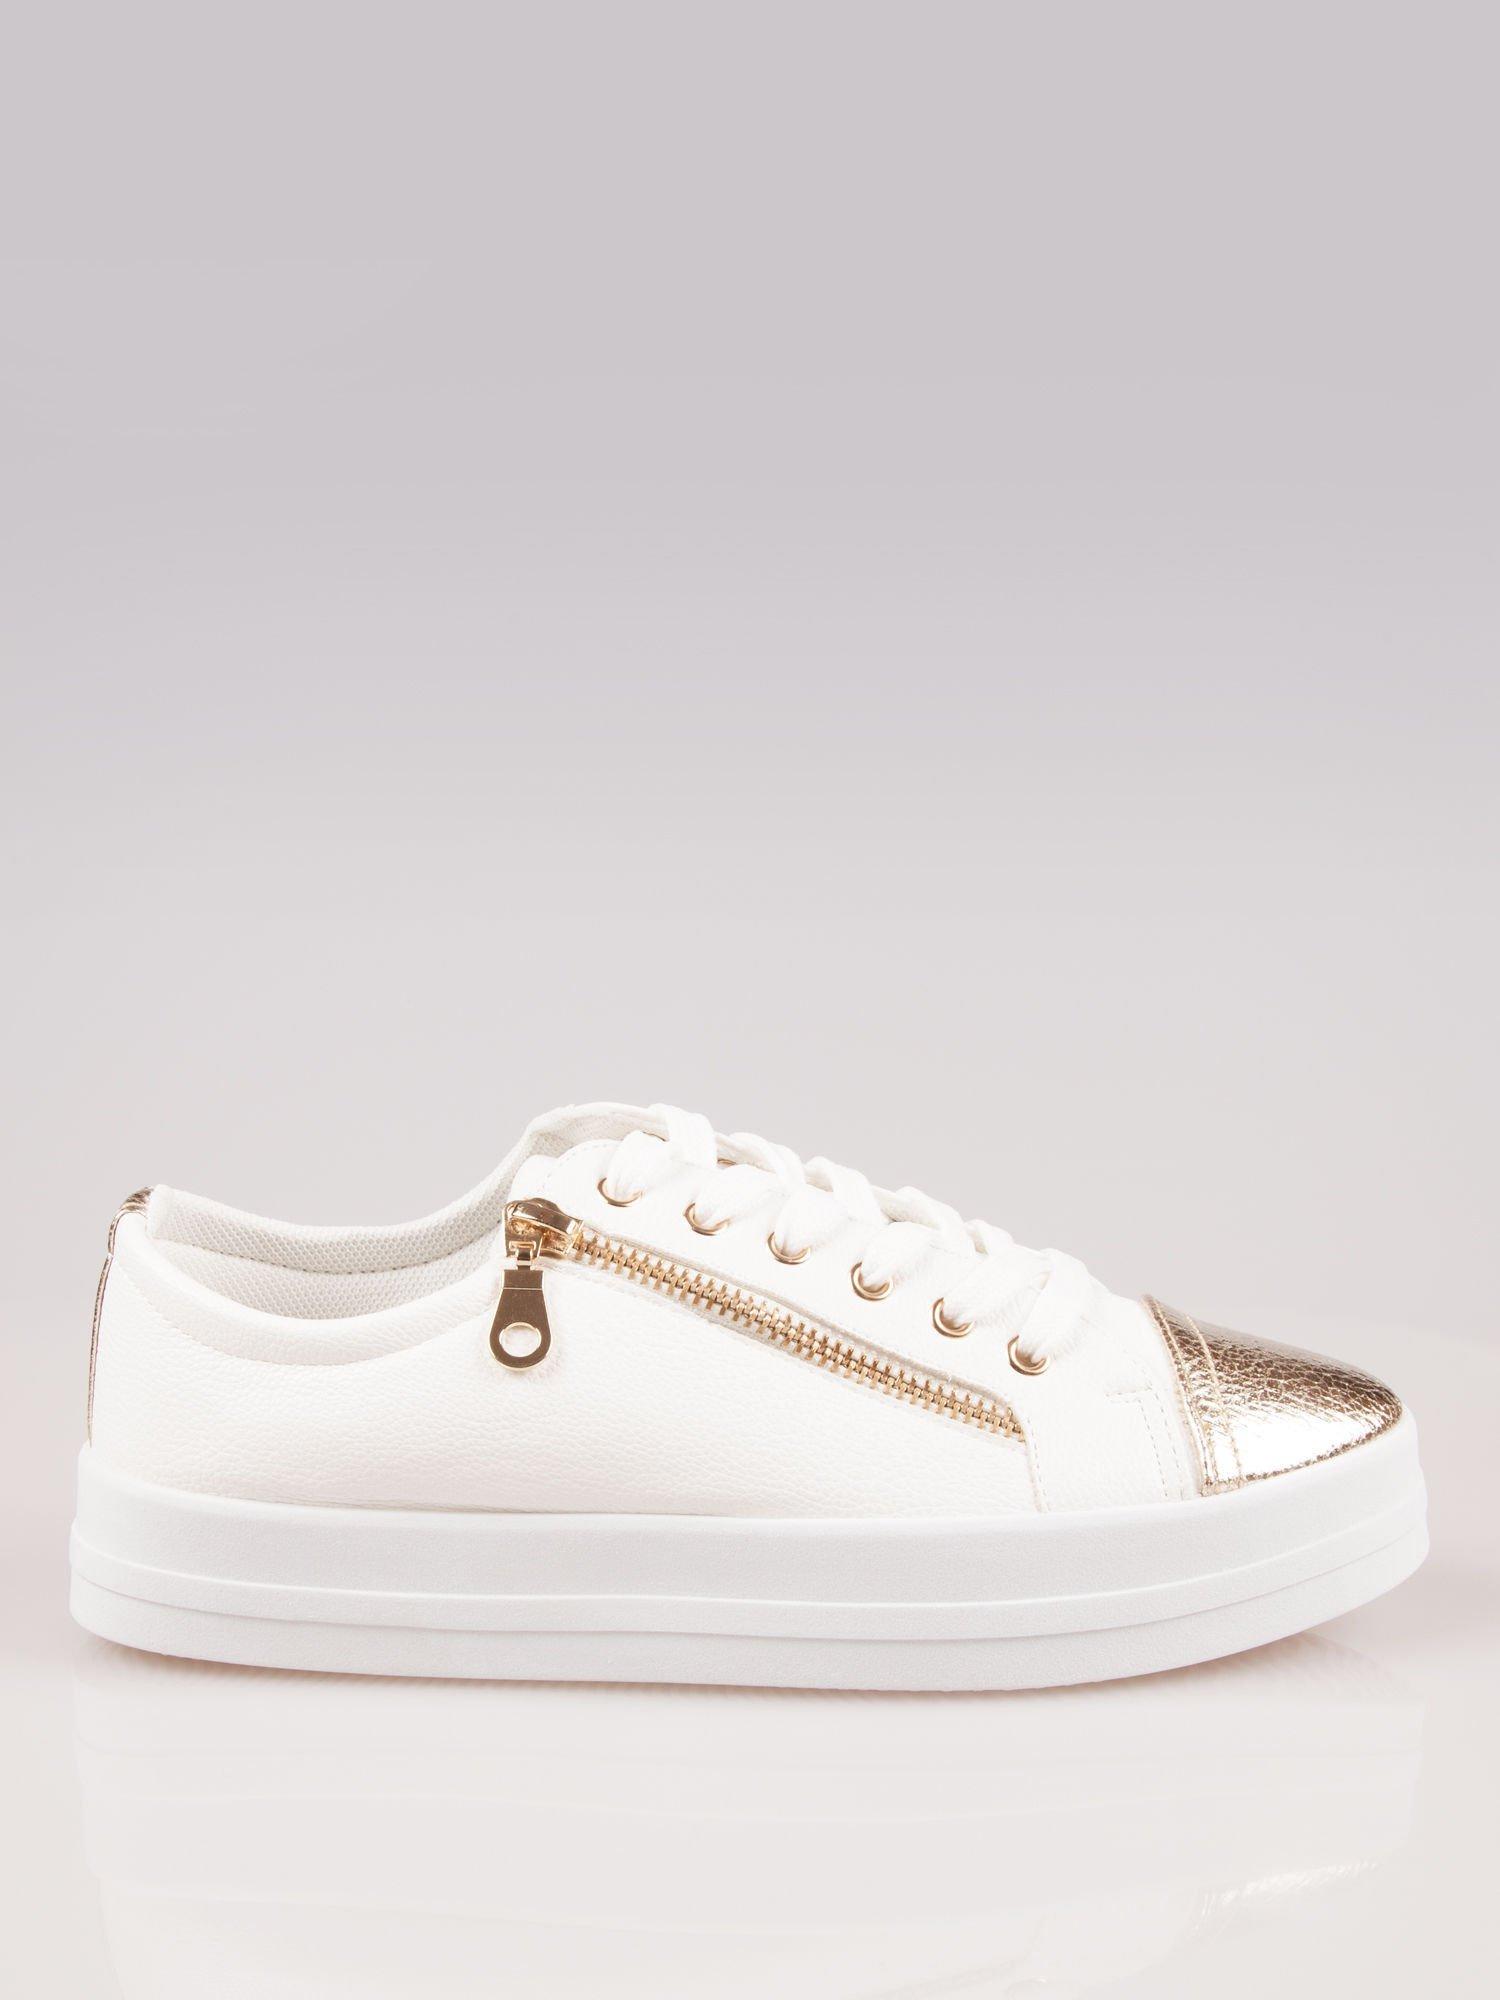 Białe trampki damskie gold cap toe z suwakiem z boku Rallie                                  zdj.                                  1